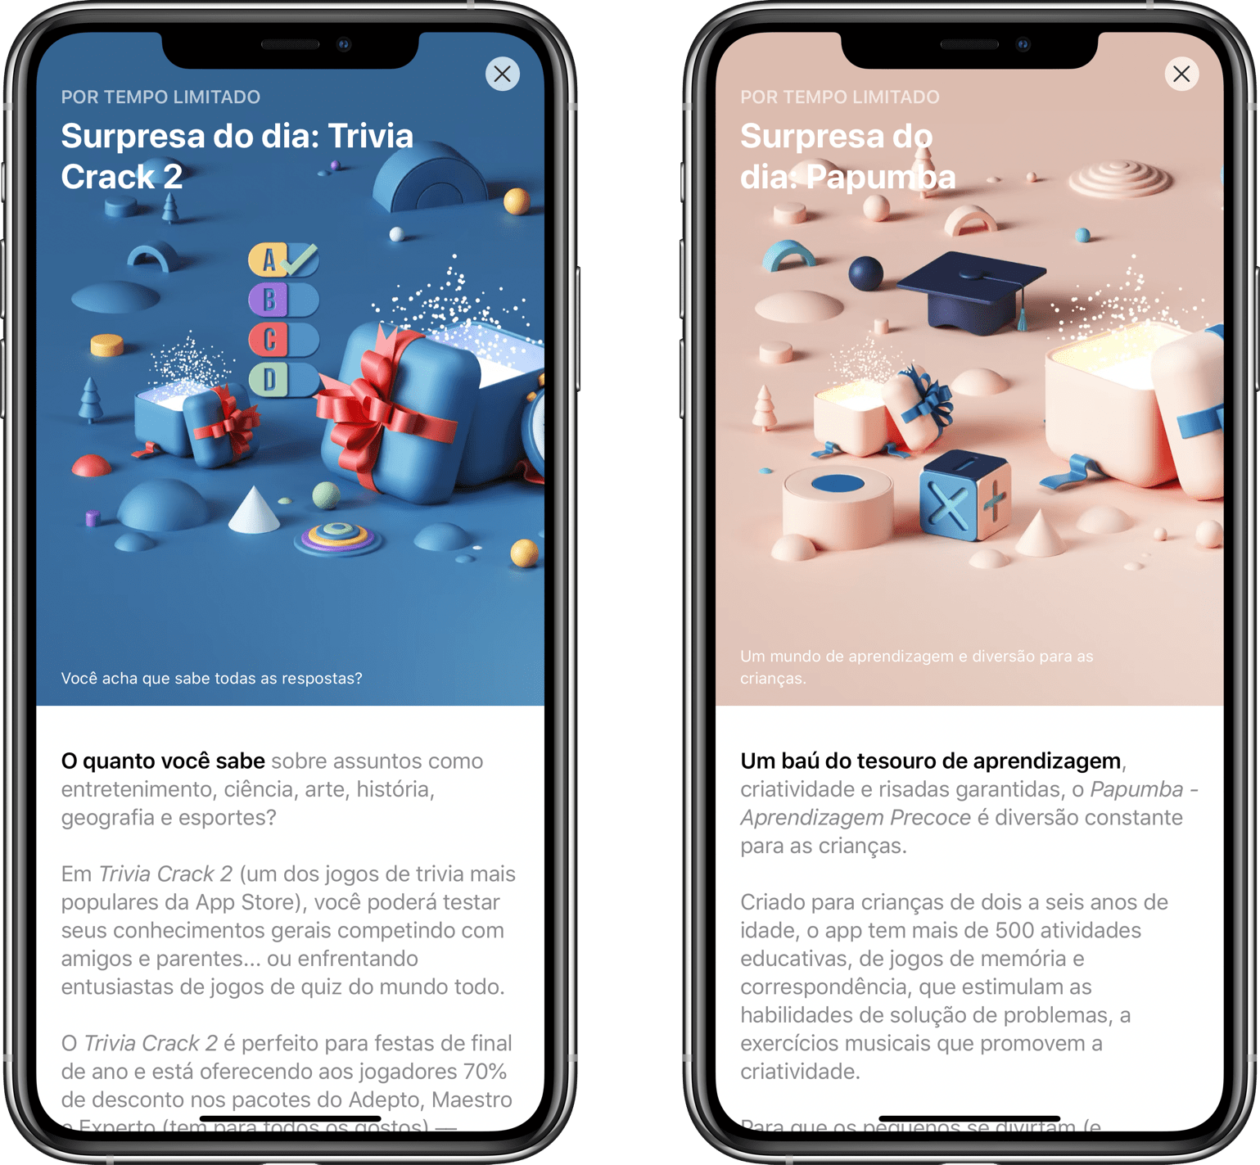 Surpresa do dia na App Store